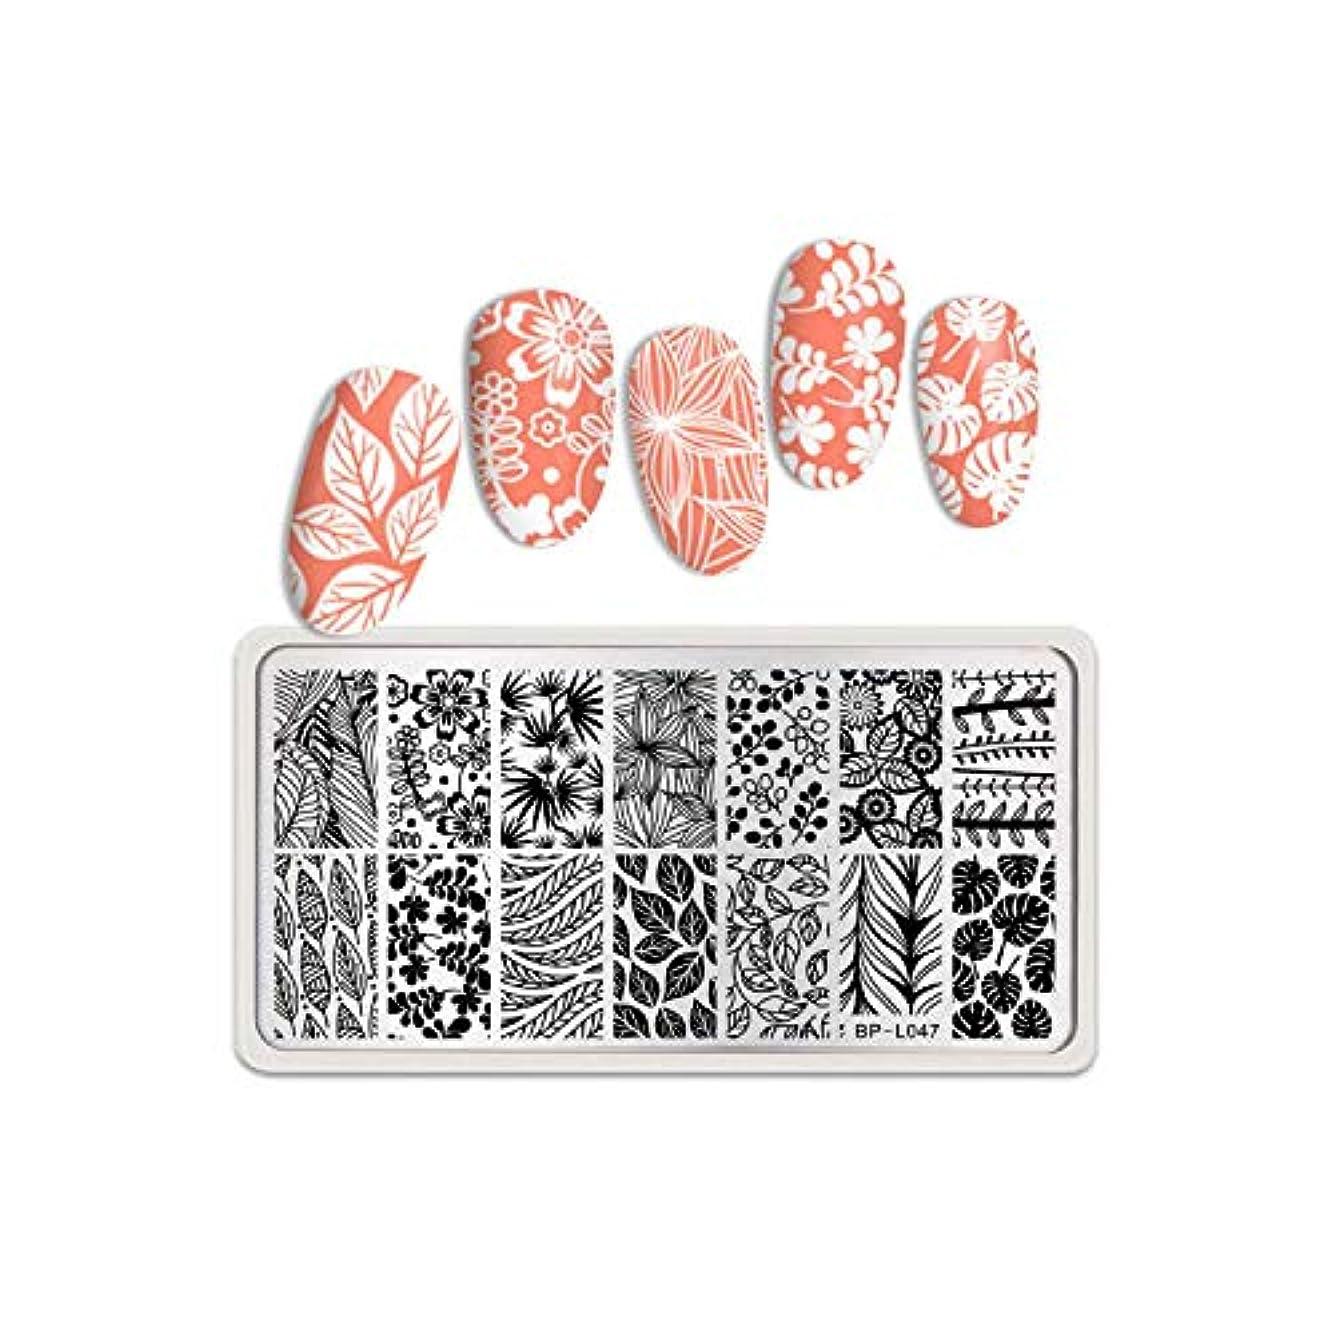 靴サーバント羊生まれたかわいい長方形ネイルスタンピングプレートステンレス鋼花糸蝶ローズネイルアートイメージステンシルデザインツール,BP-L047